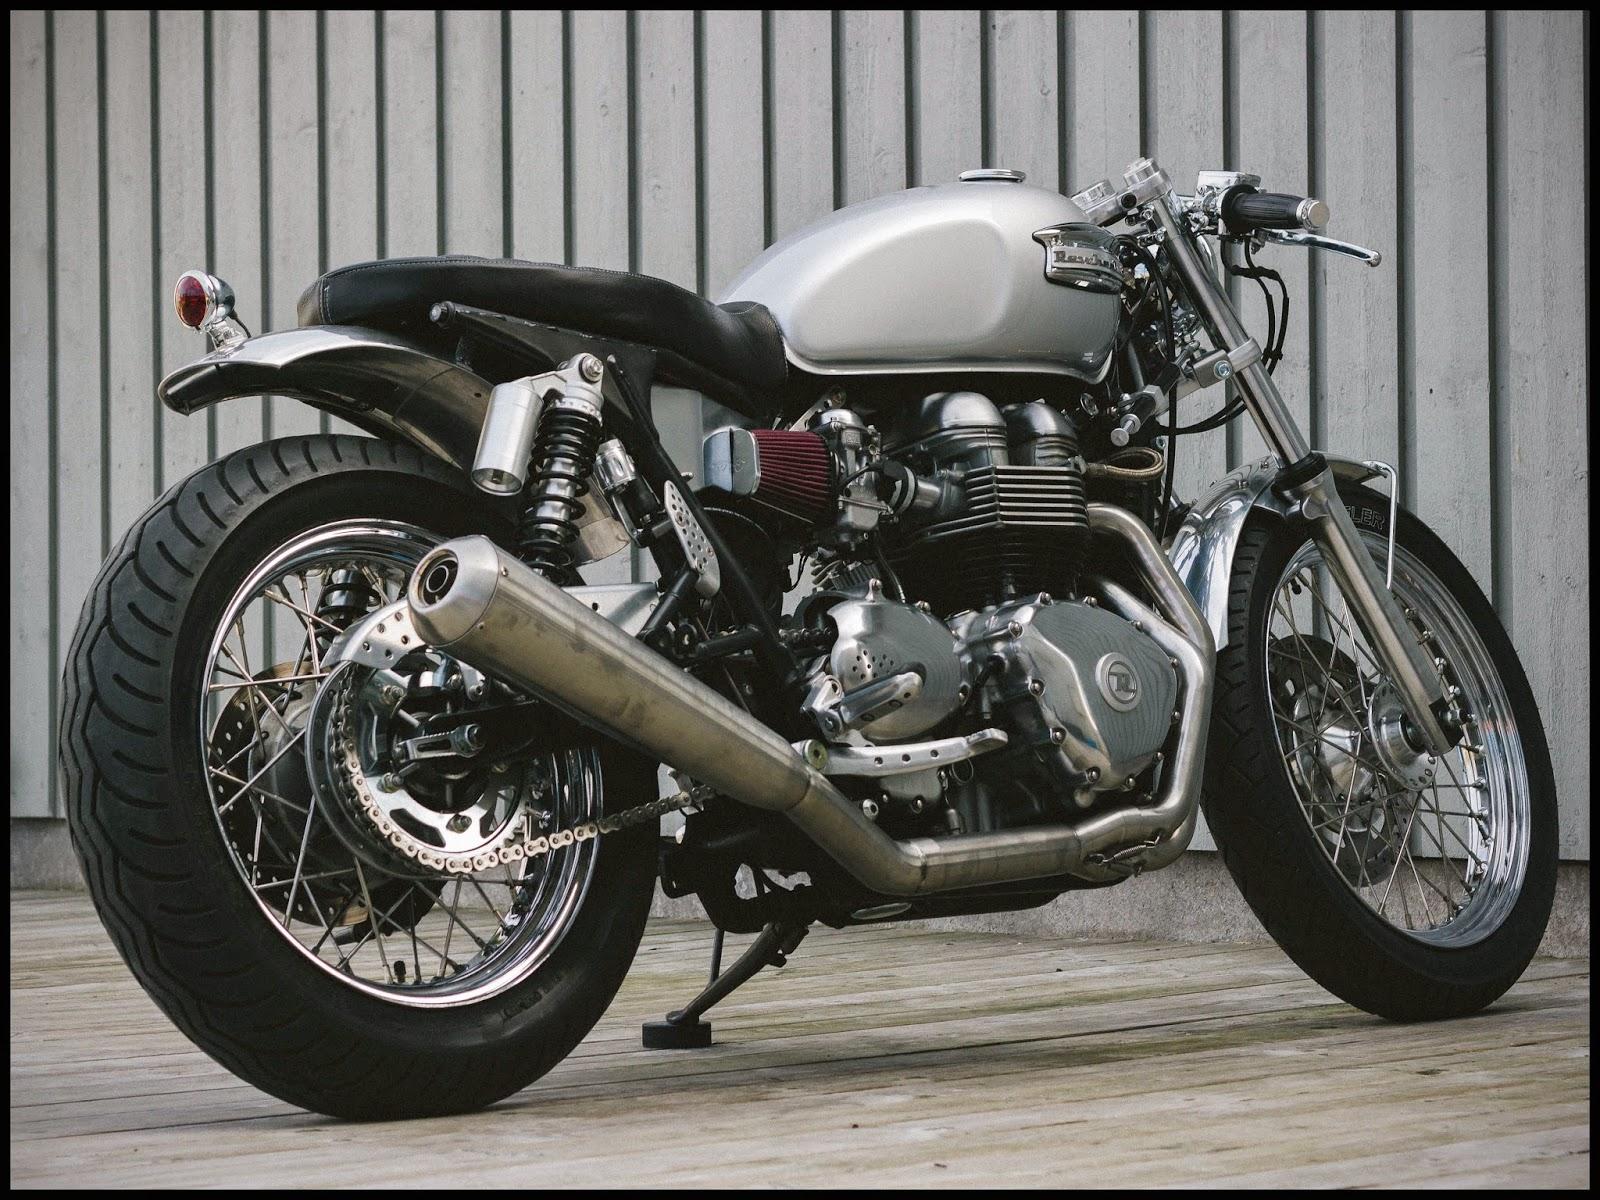 Super Rewheeled #6 Triumph Bonneville - RocketGarage - Cafe Racer Magazine YS59